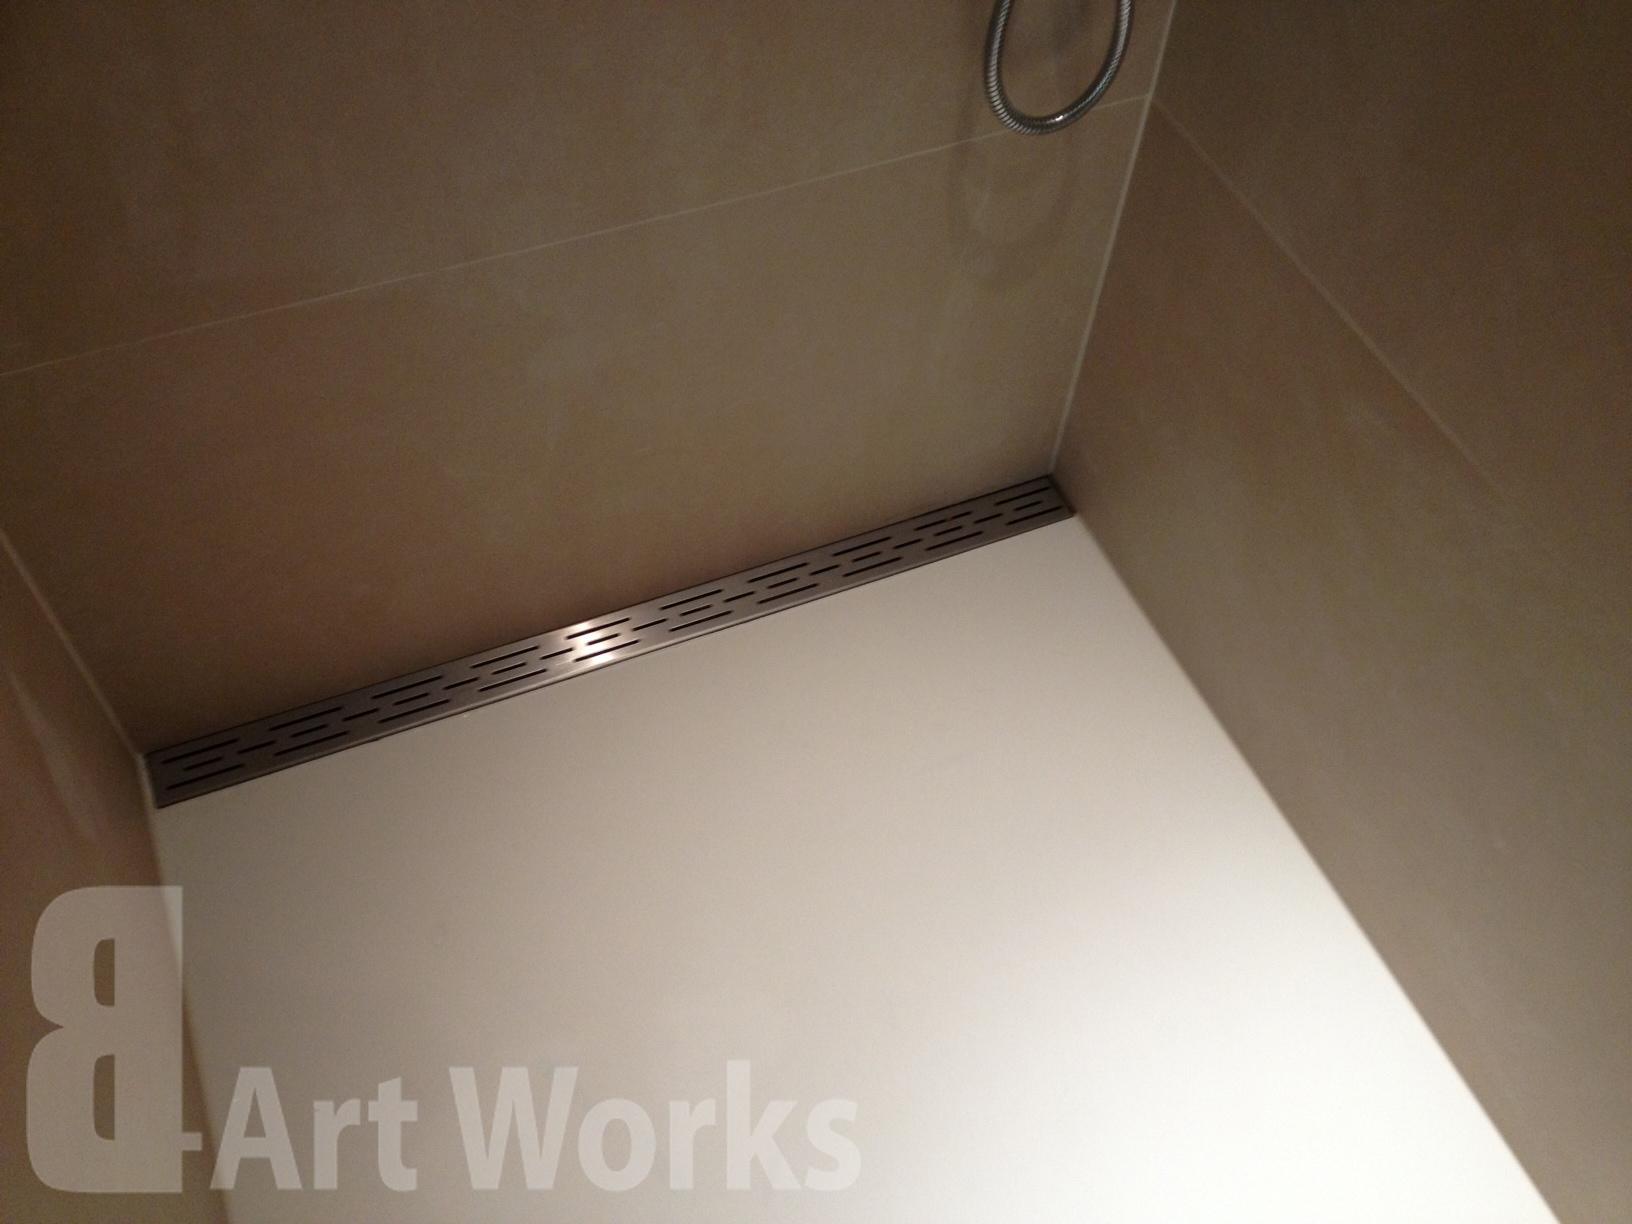 Gietvloer Badkamer Douche : Badkamer gietvloer de gegoten heeft een antislip laag dus je kan